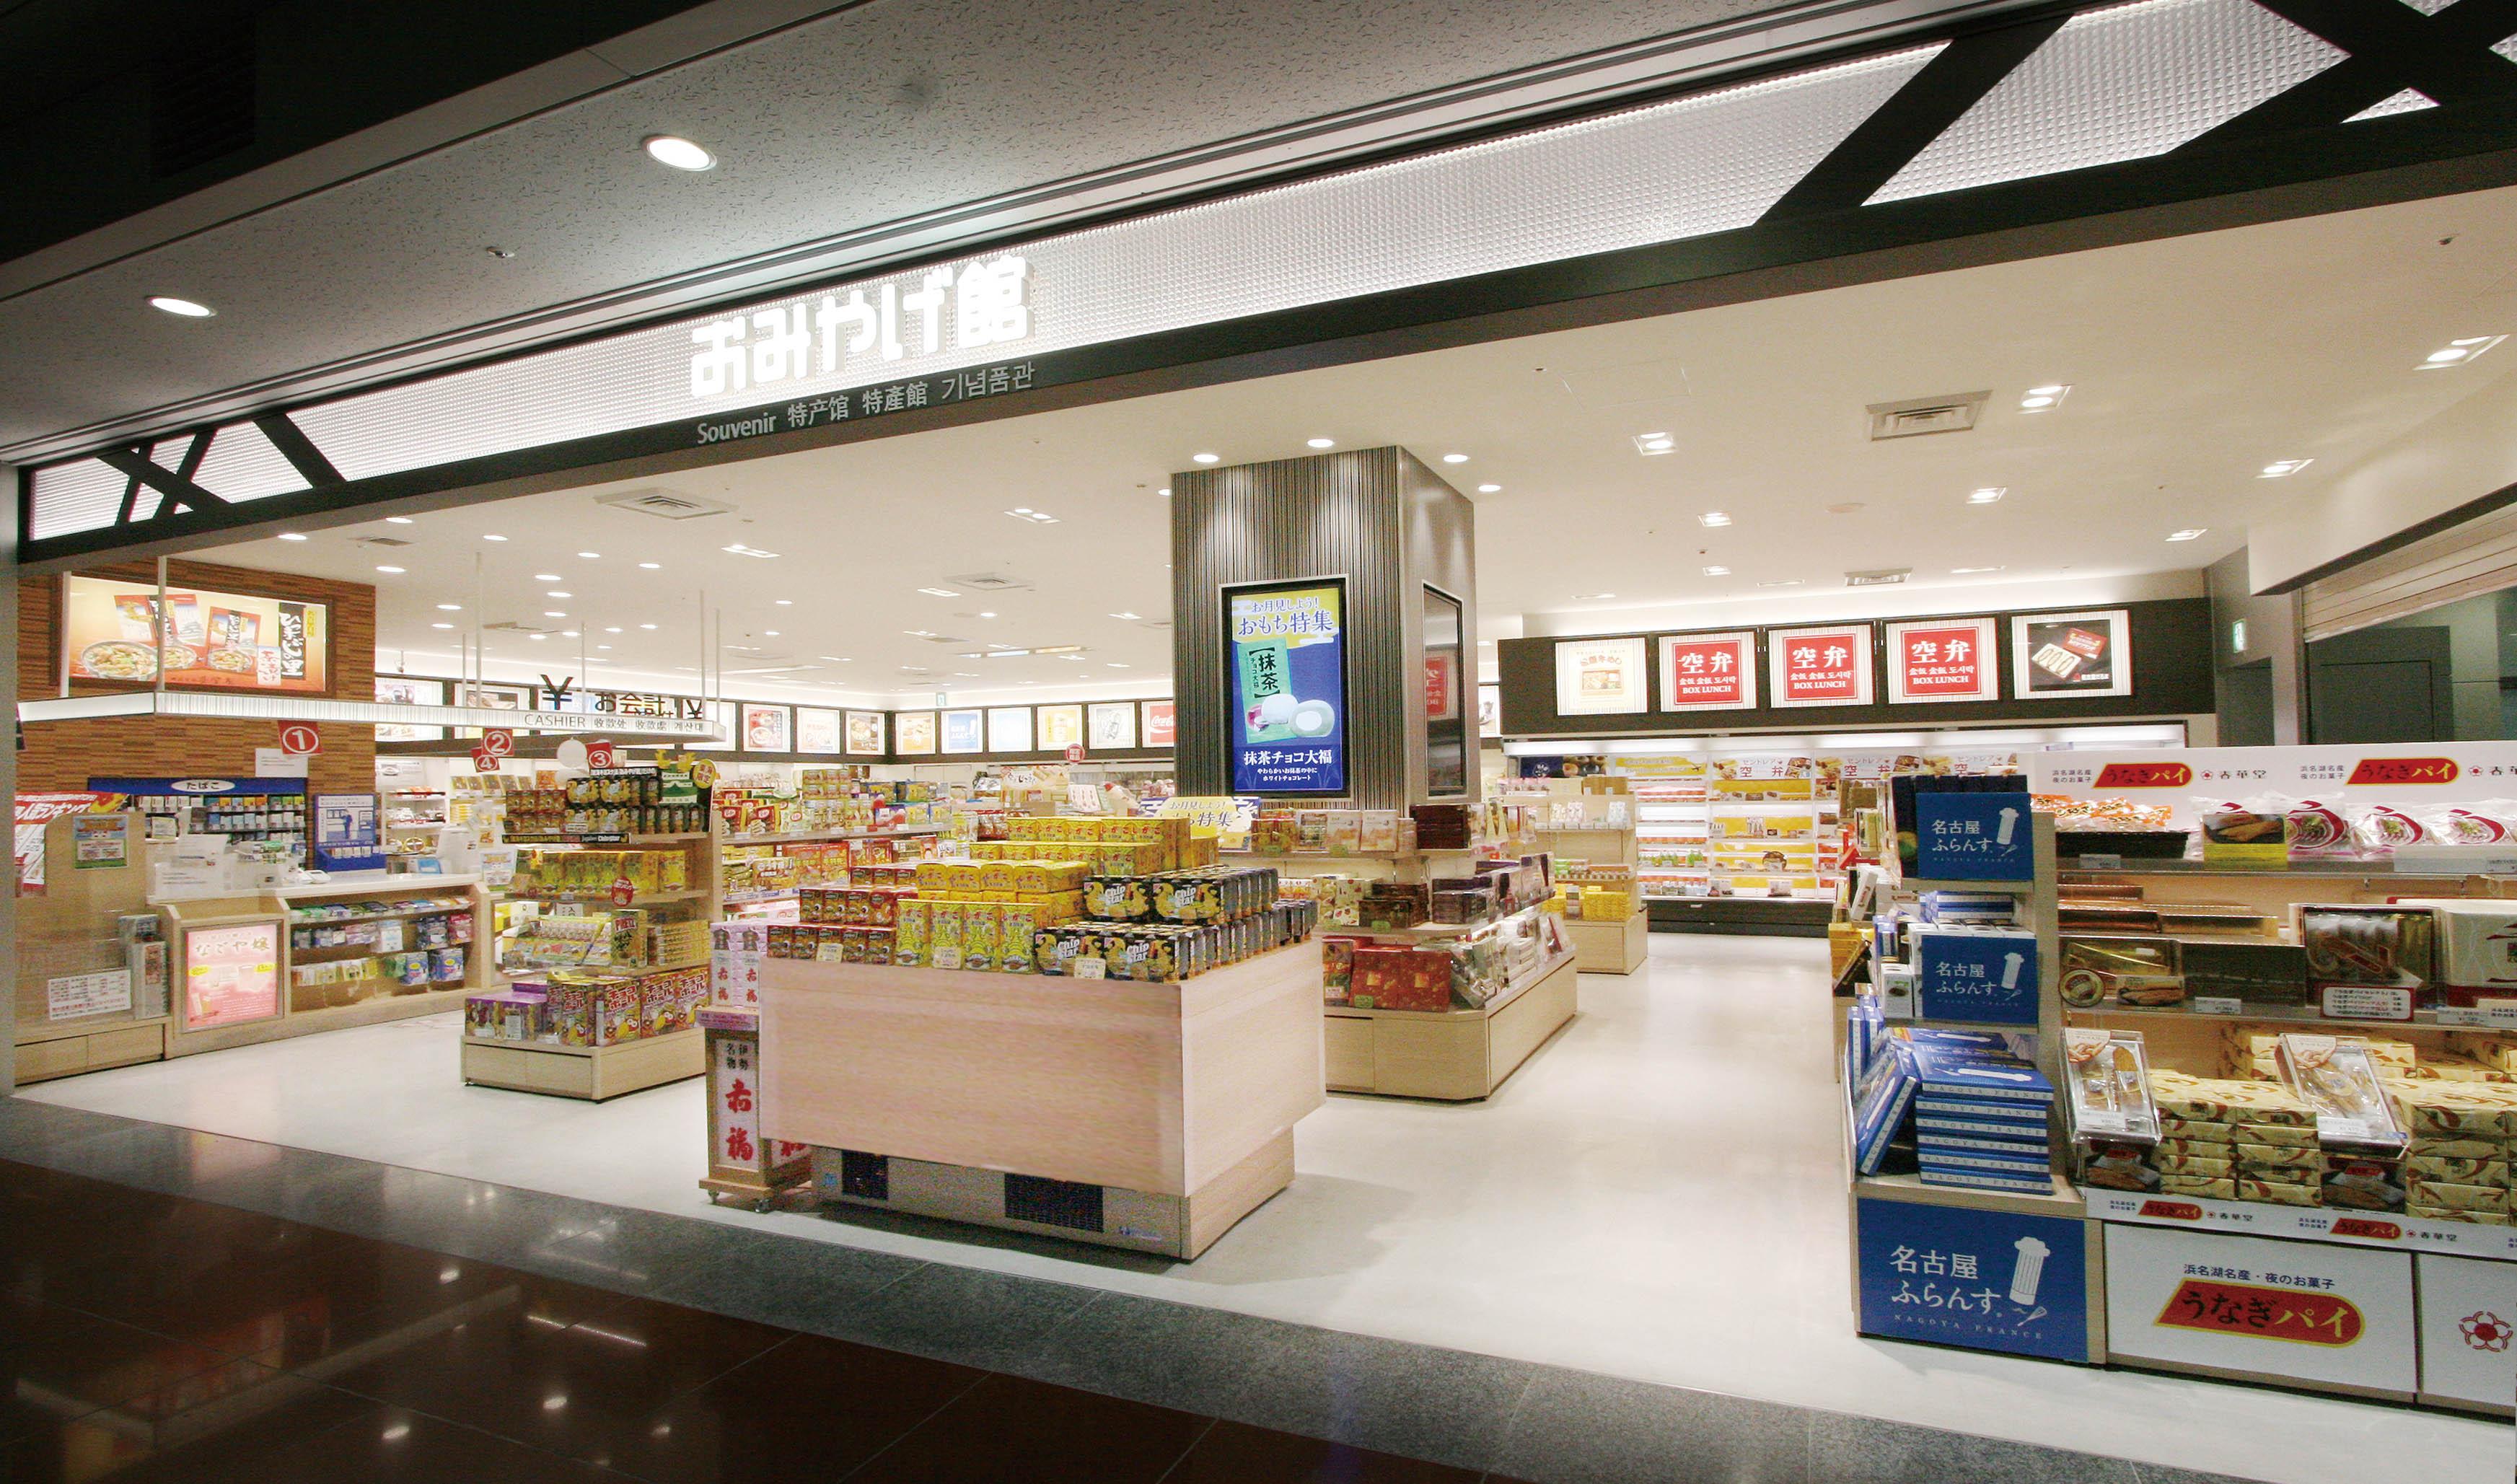 新しい定番名古屋土産!?「おにぎりせんべい」の小倉バター味が発売 - sub2 3